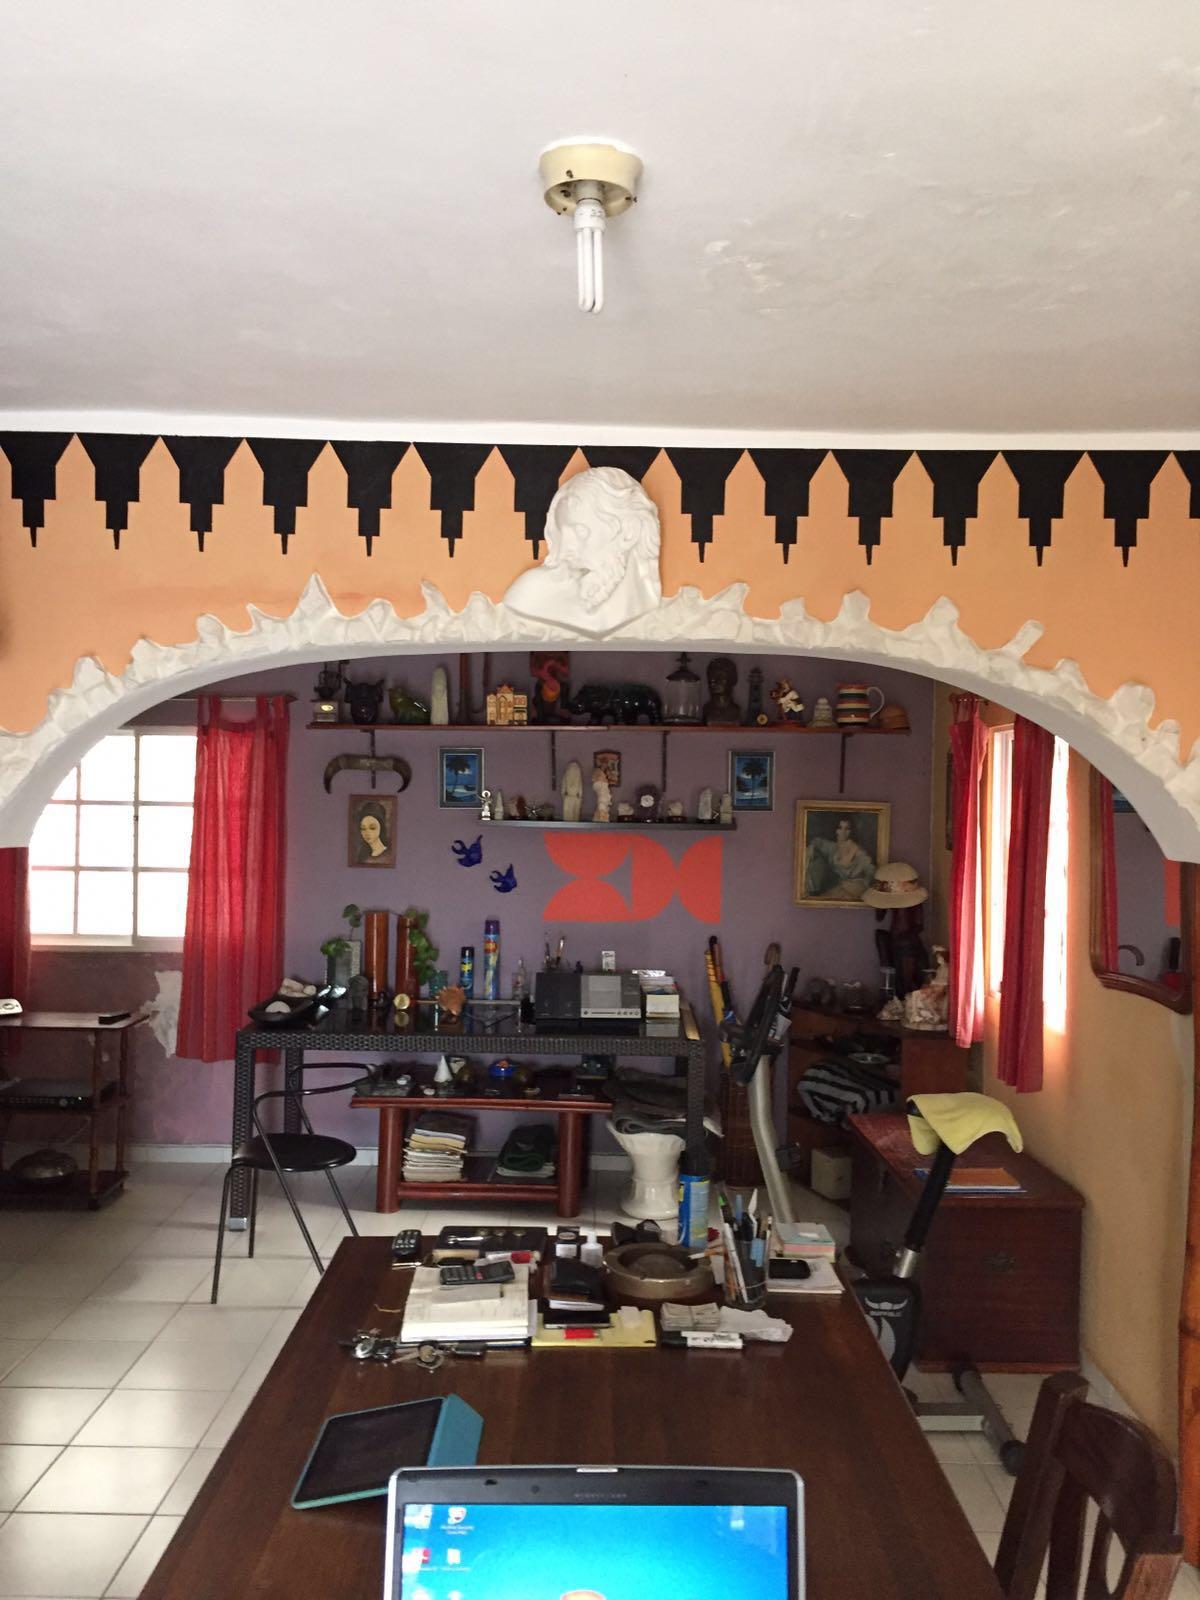 Image Sale apartment temara mers el kheir rabat 4